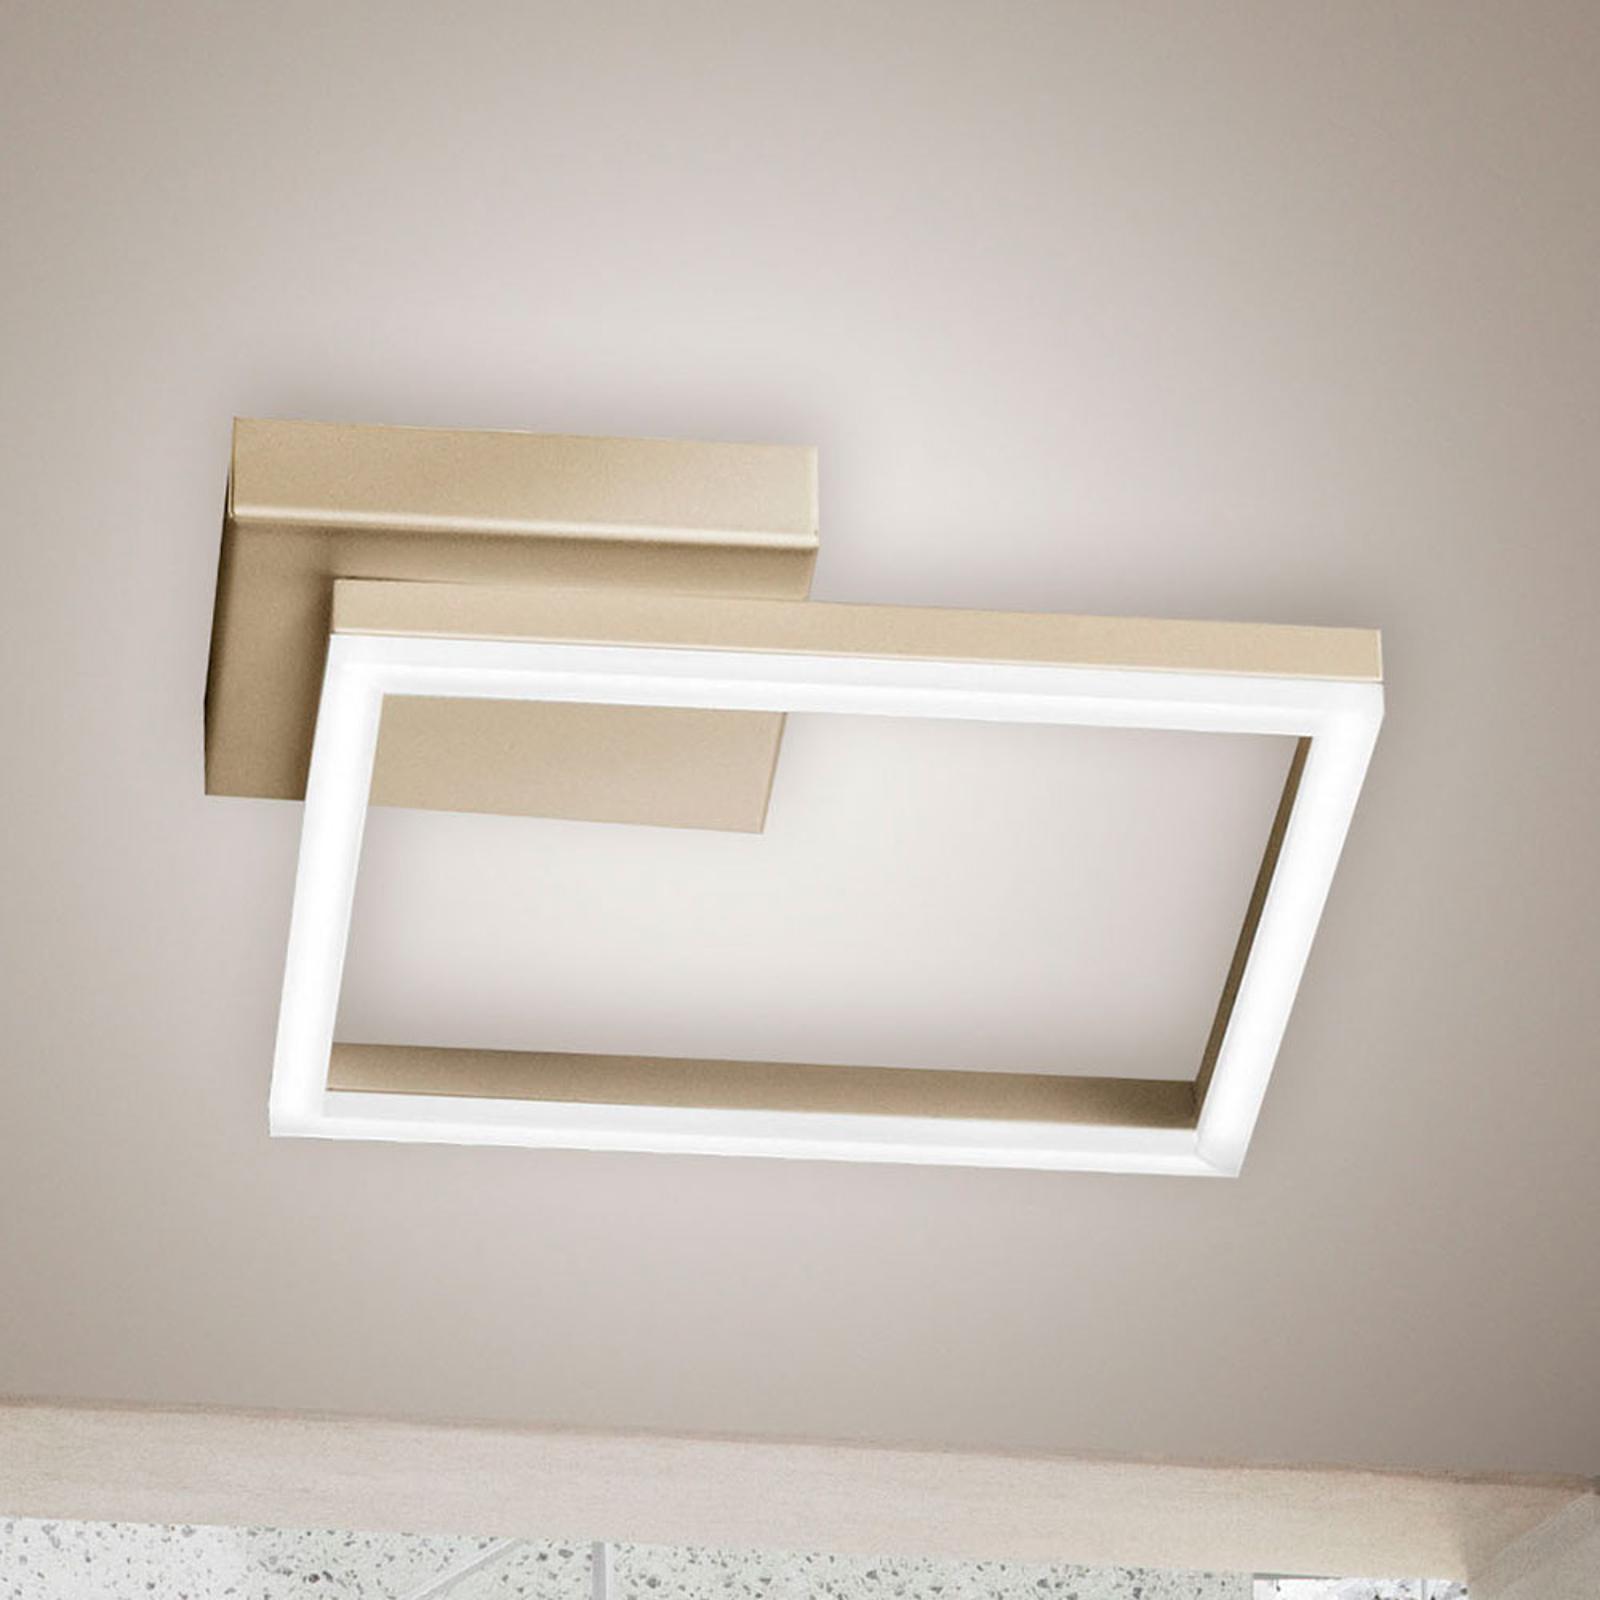 Lampa sufitowa LED Bard, 27x27cm, matowe złoto